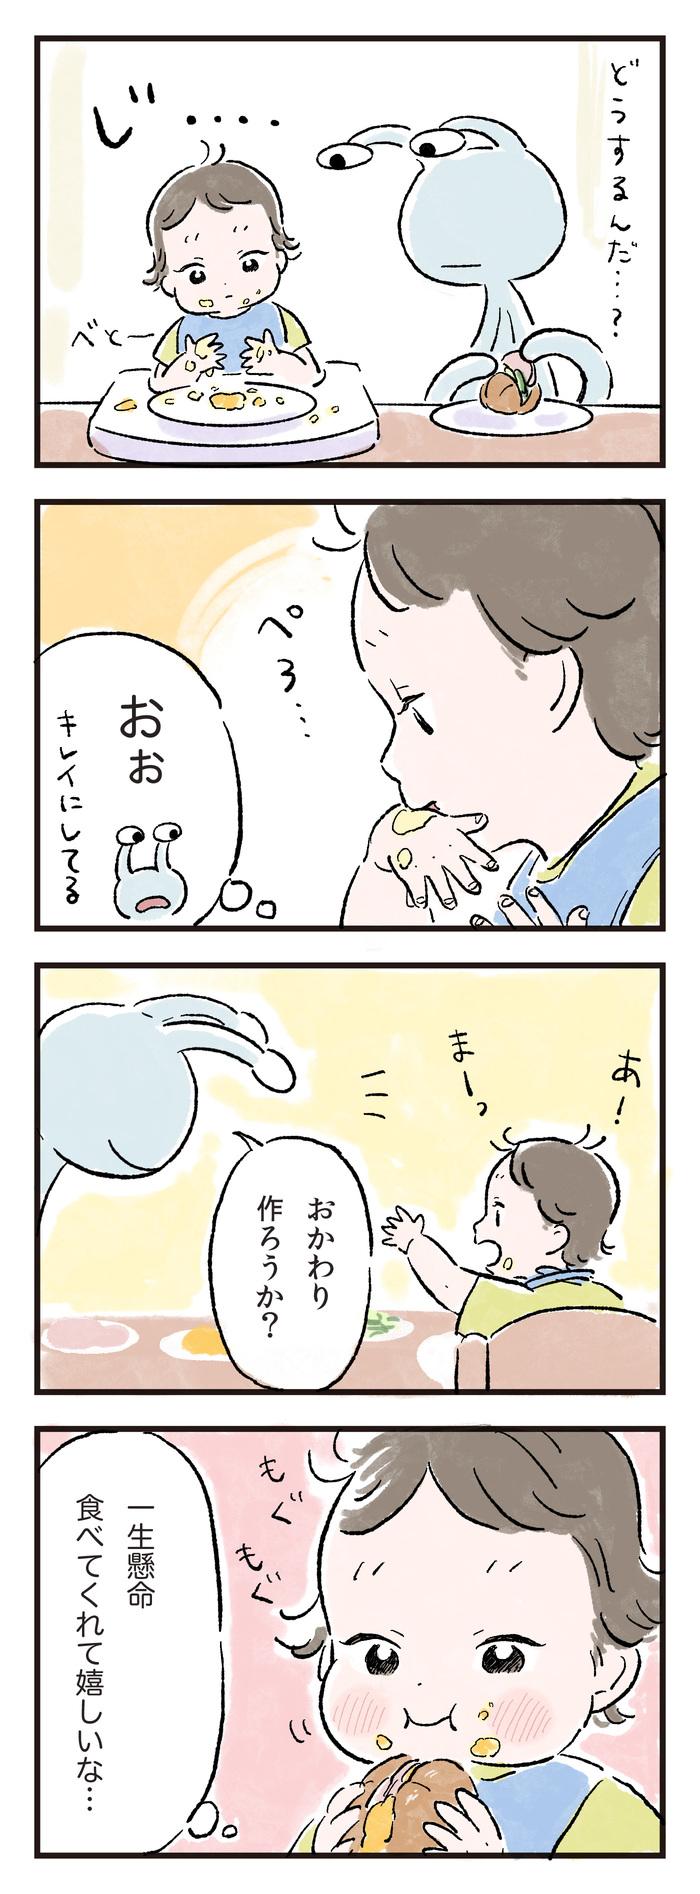 食べこぼしもおだやかに見守れる。それは、1人目の育児があったからかも。の画像2